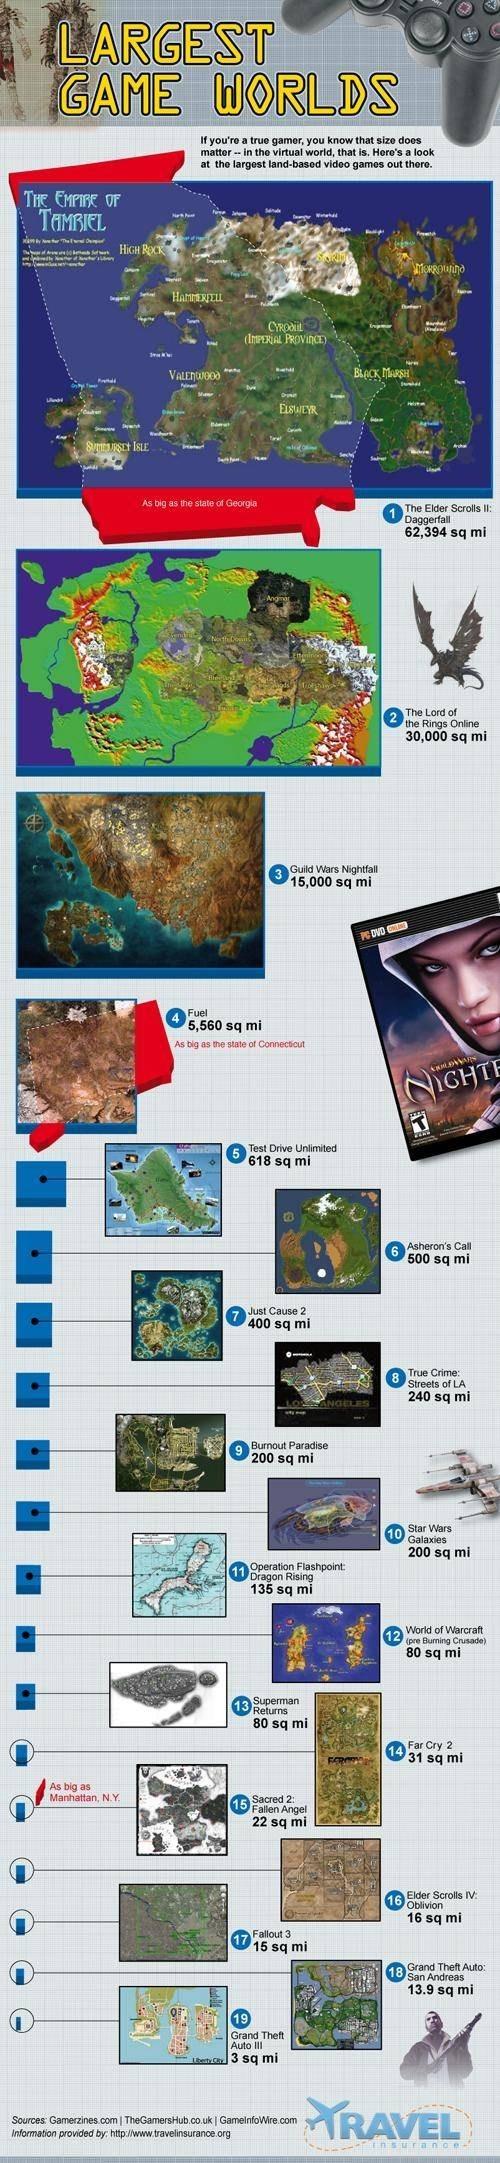 daggerfall game worlds mind blown - 6628343552